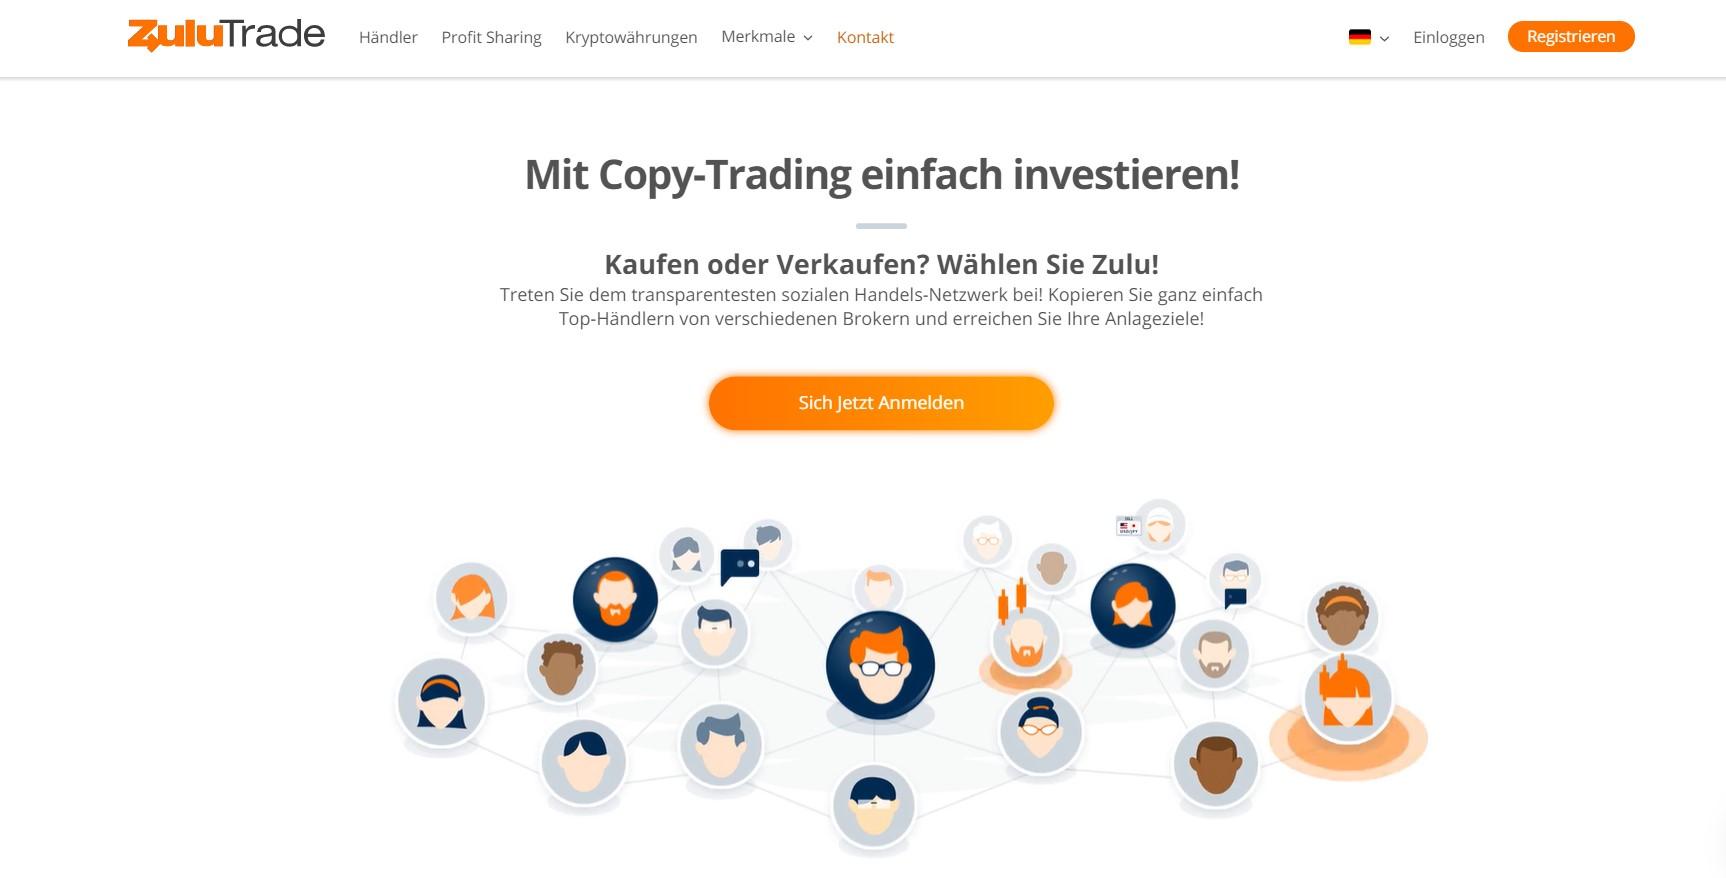 Ein Blick auf die Website von Zulutrade